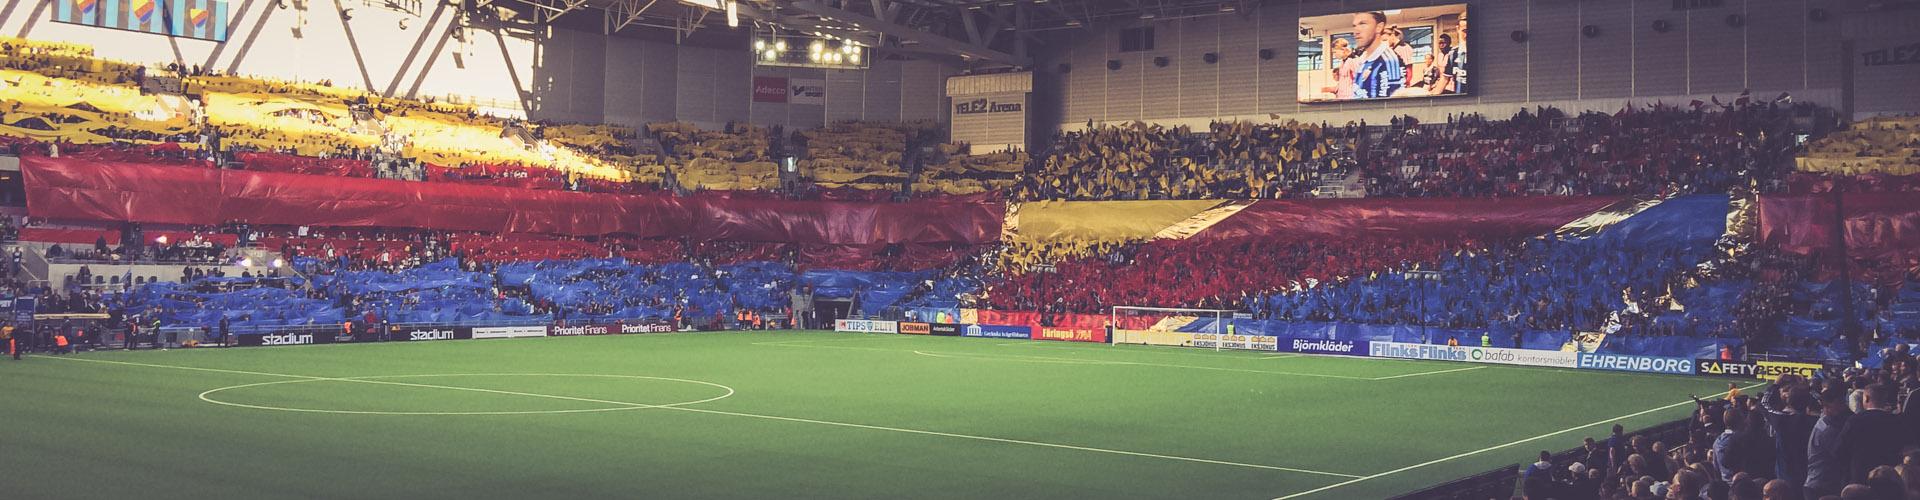 Tele2 Arena - Stockholm